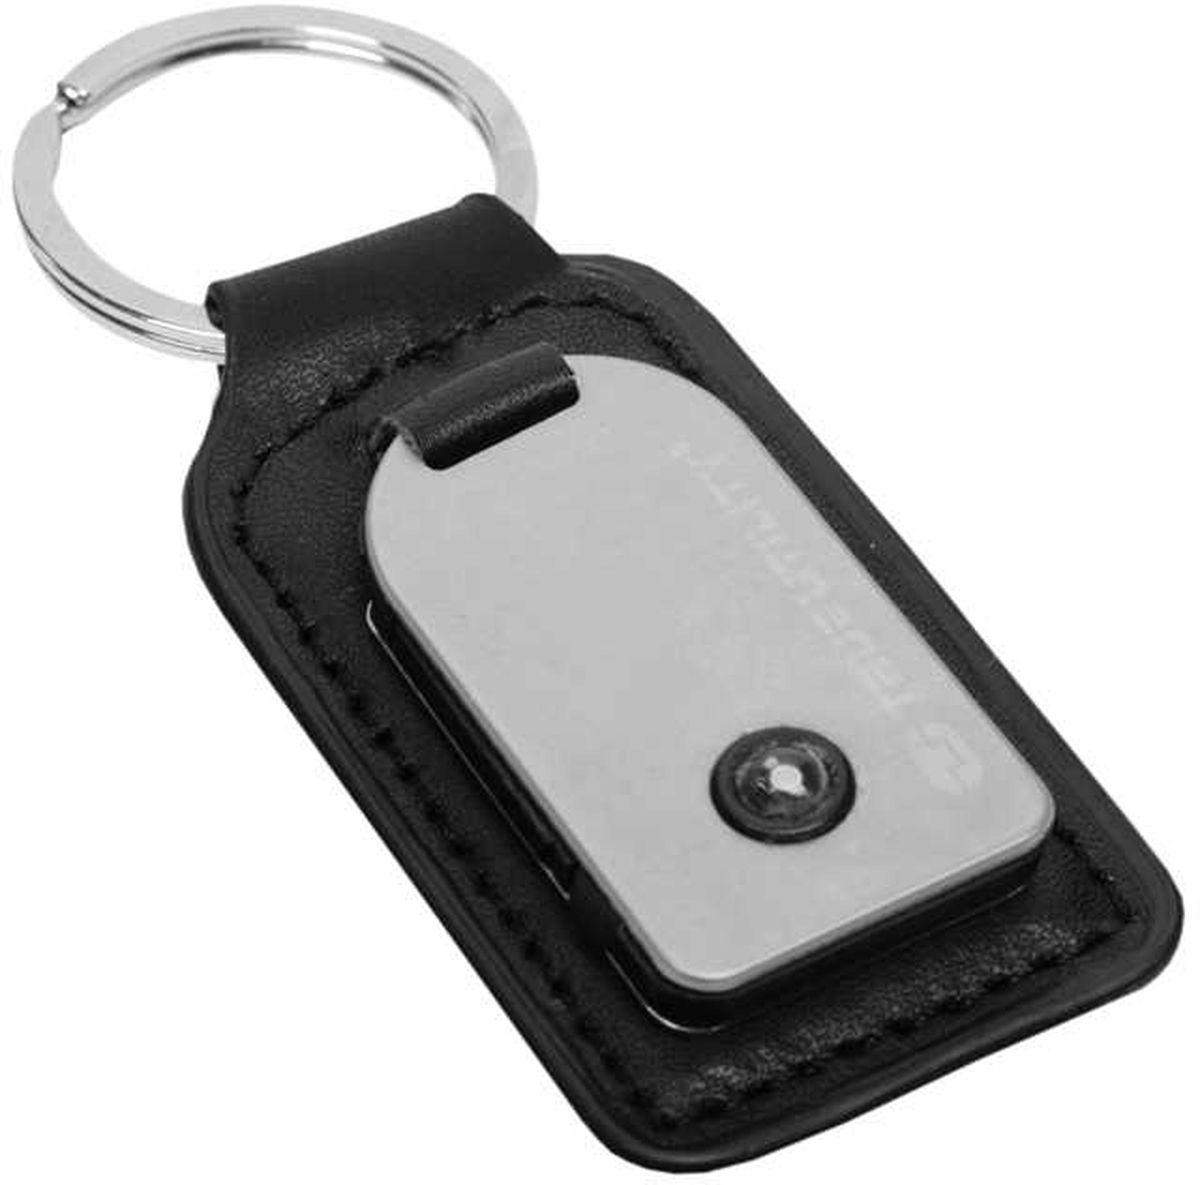 Брелок с фонариком True Utility Leather FobLite BlackТU253ВБрелок True Utility Leather FobLite Black со встроенным светодиодный фонариком, выполнен из нержавеющей с подкладкой из натуральной кожи. Прорезиненная кнопка включения и выключения. Этот необычный и стильный аксессуар станет прекрасным и полезным подарком друзьям и знакомым!